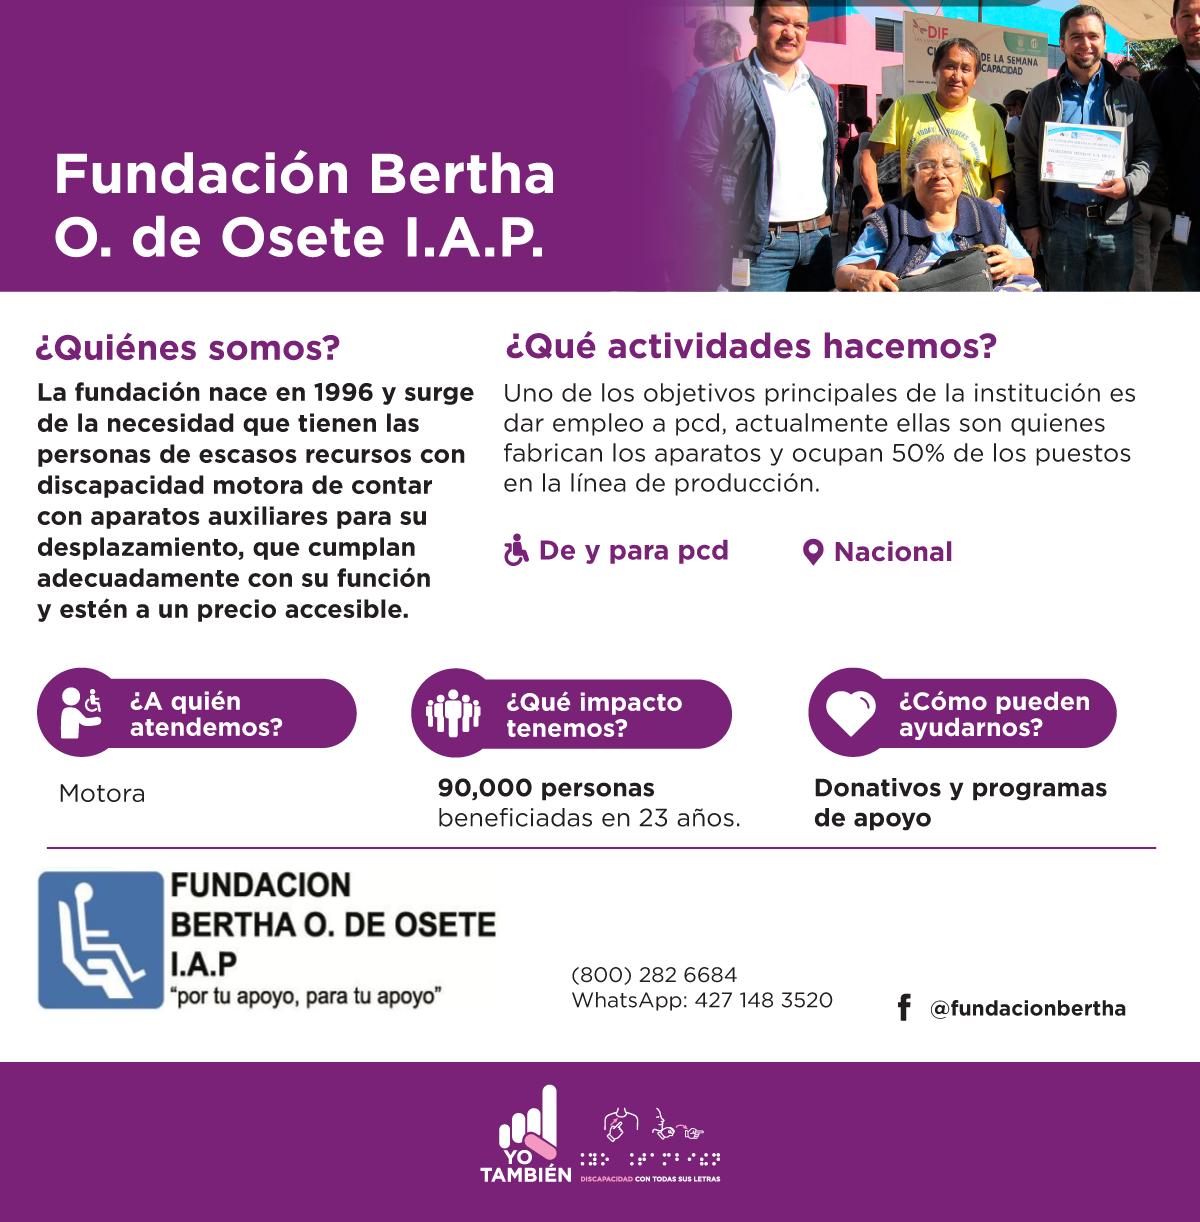 Fundación Bertha O. de Osete I.A.P. La fundación nace en 1996 y surge de la necesidad que tienen las personas de escasos recursos con discapacidad motora de contar con aparatos auxiliares para su desplazamiento, que cumplan adecuadamente con su función y estén a un precio accesible.